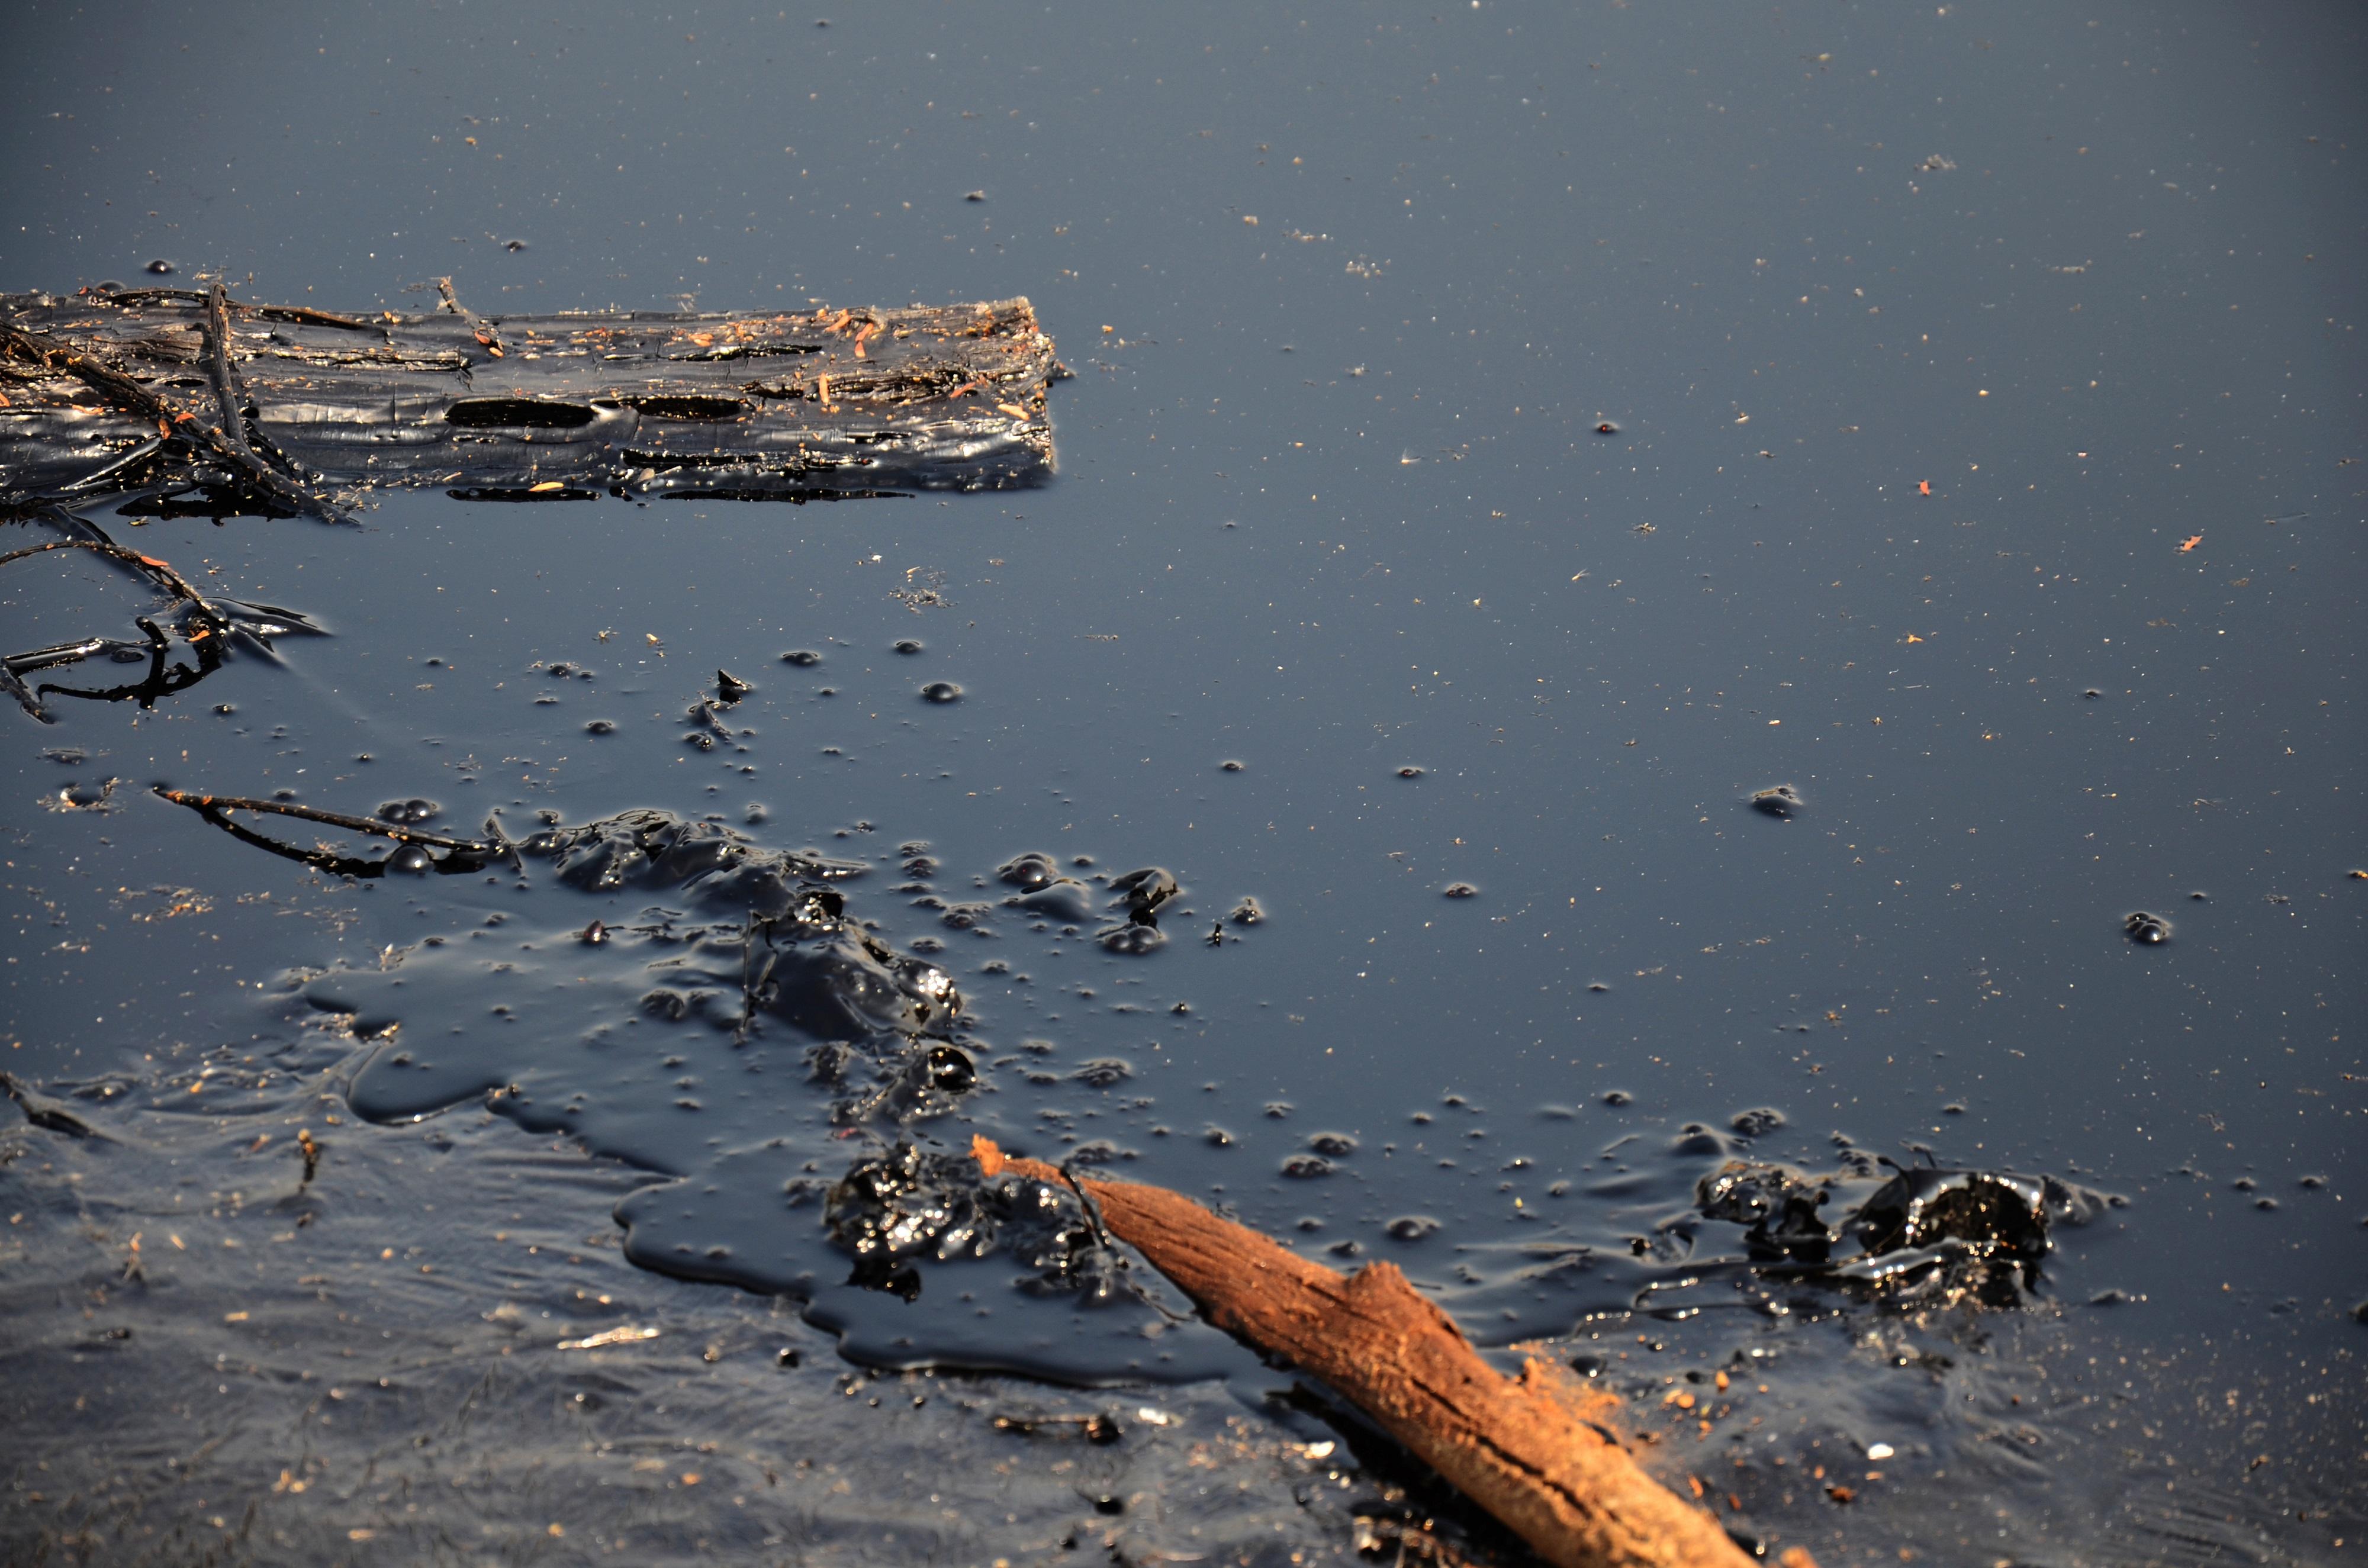 Die Umweltverschmutzung durch Öl zerstört die Lebensgrundlage der Einwohner.    Bild (Ausschnitt): © Tuayai - Dreamstime